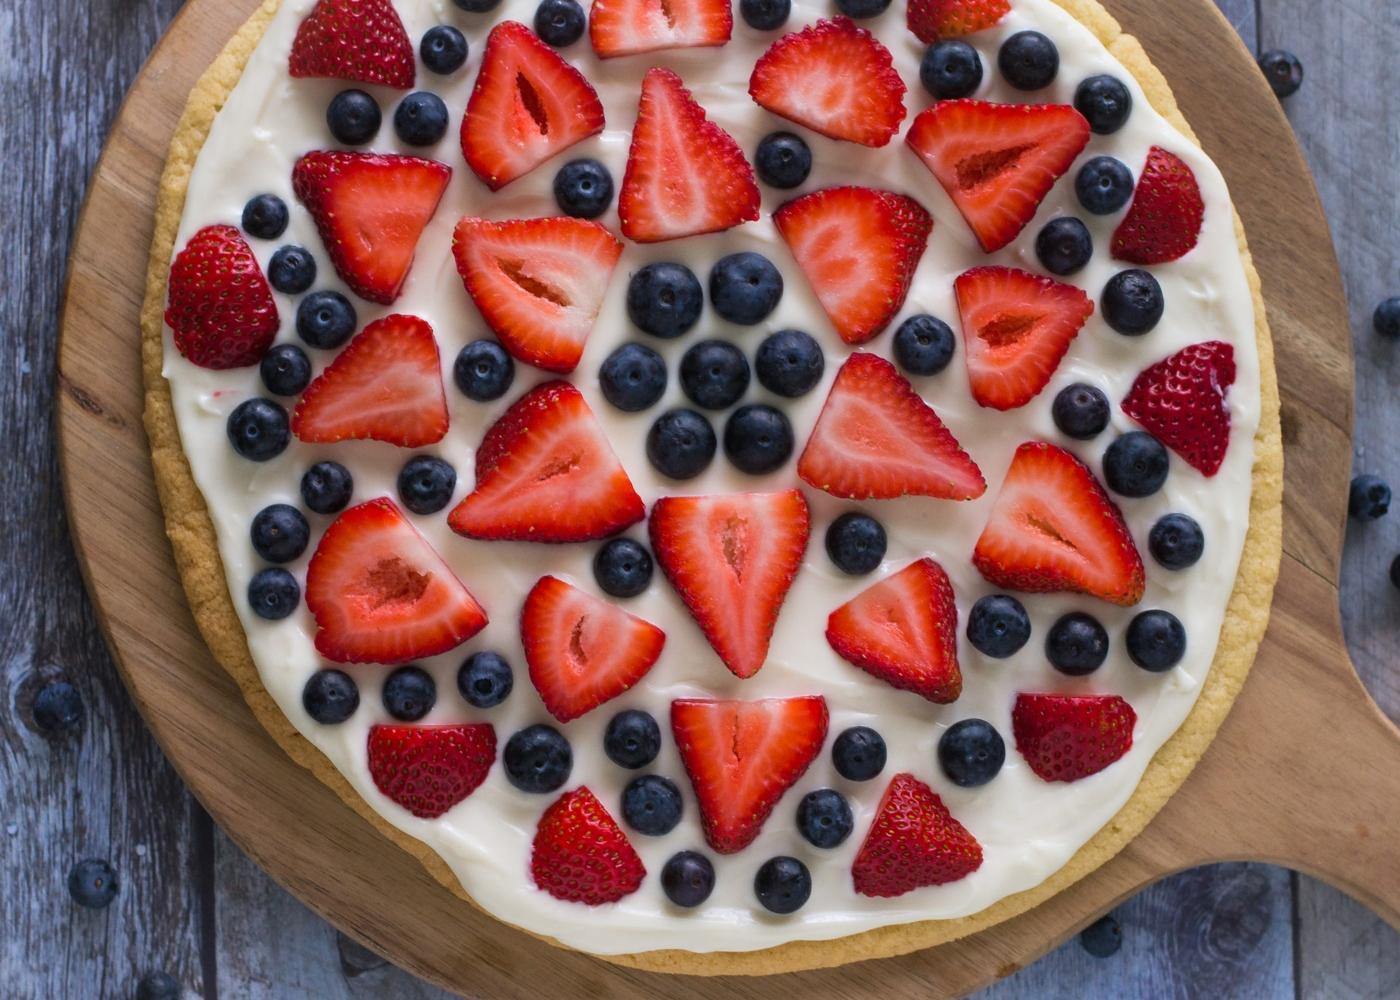 Pizza de frutas e massa caseira